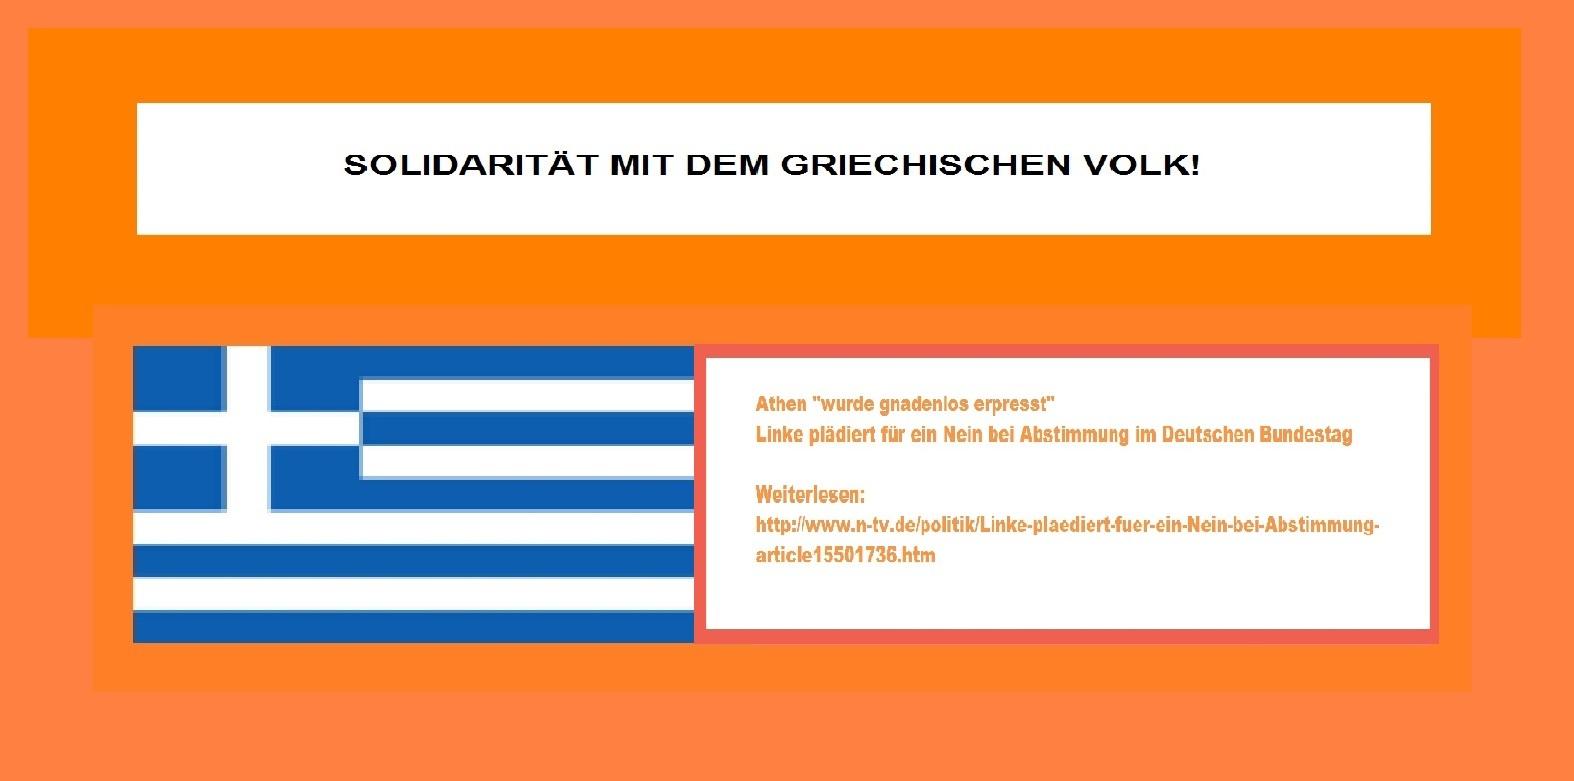 Solidarität mit dem griechischen Volk!  Griechenlands Linkspartei Syriza und Alexis Tsipras unterstützen! Griechische Regierung unter Ministerpräsident Alexis Tsipras wurde gnadenlos erpresst. Fraktion DIE LINKE im Deutschen Bundestag plädiert für ein Nein bei der Abstimmung im Bundestag.